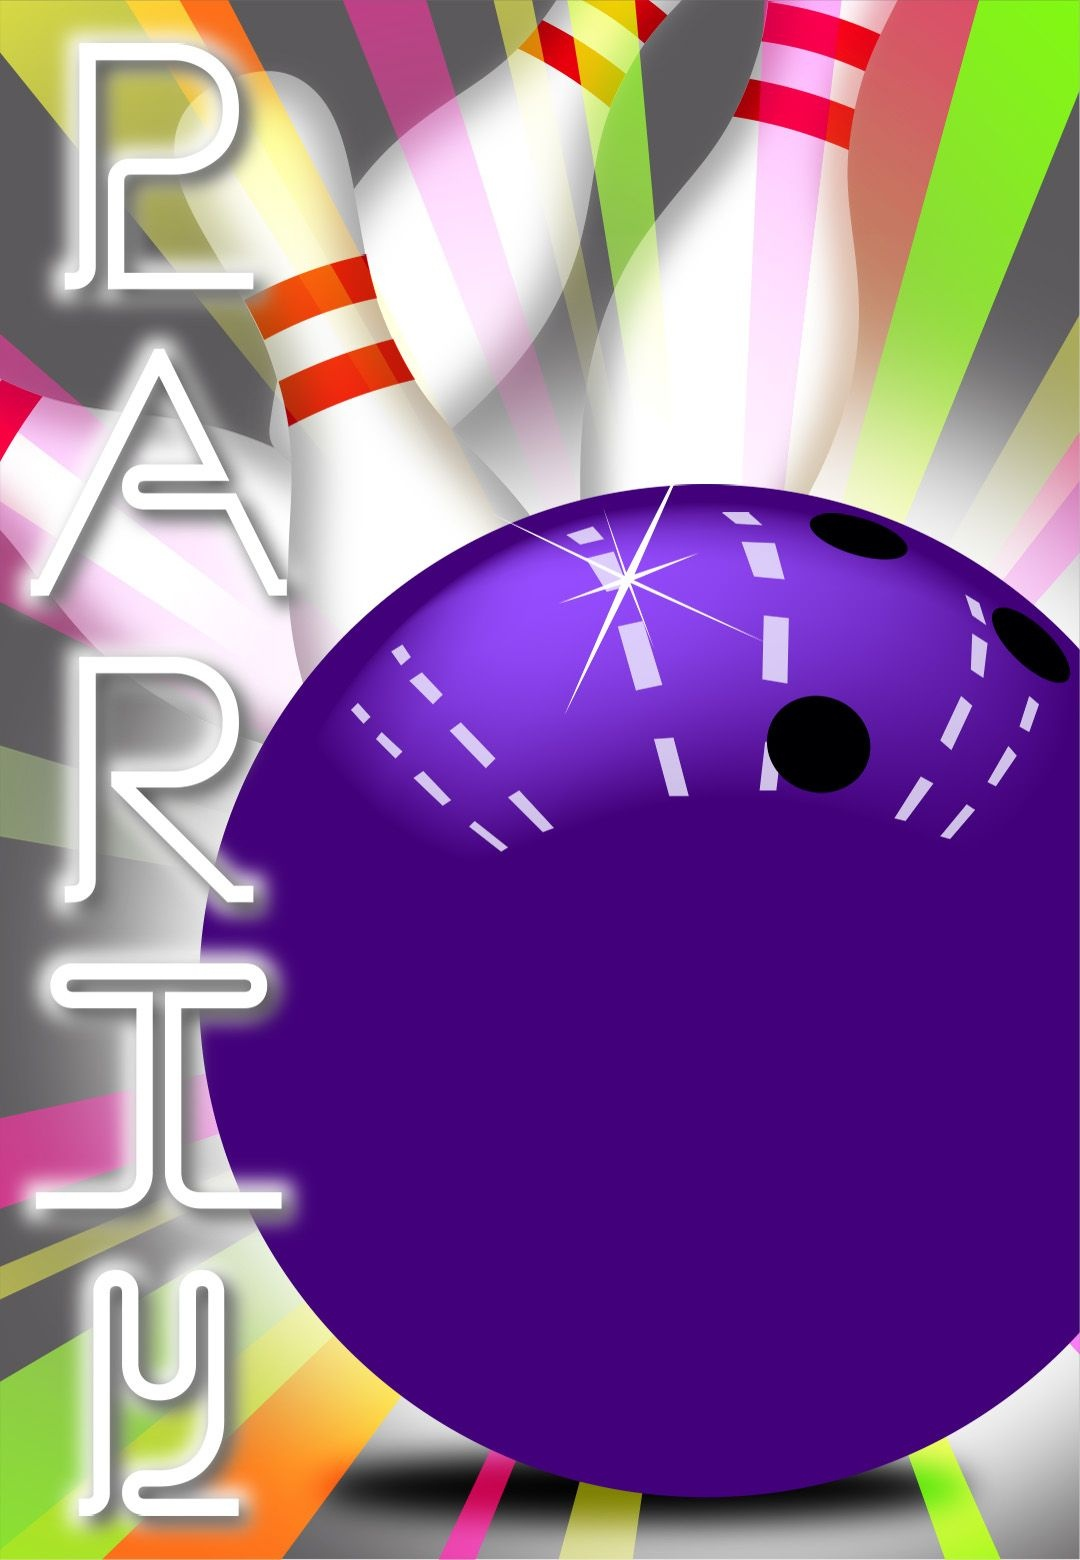 Strike Bowling - Free Printable Birthday Invitation Template - Free Printable Bowling Birthday Party Invitations